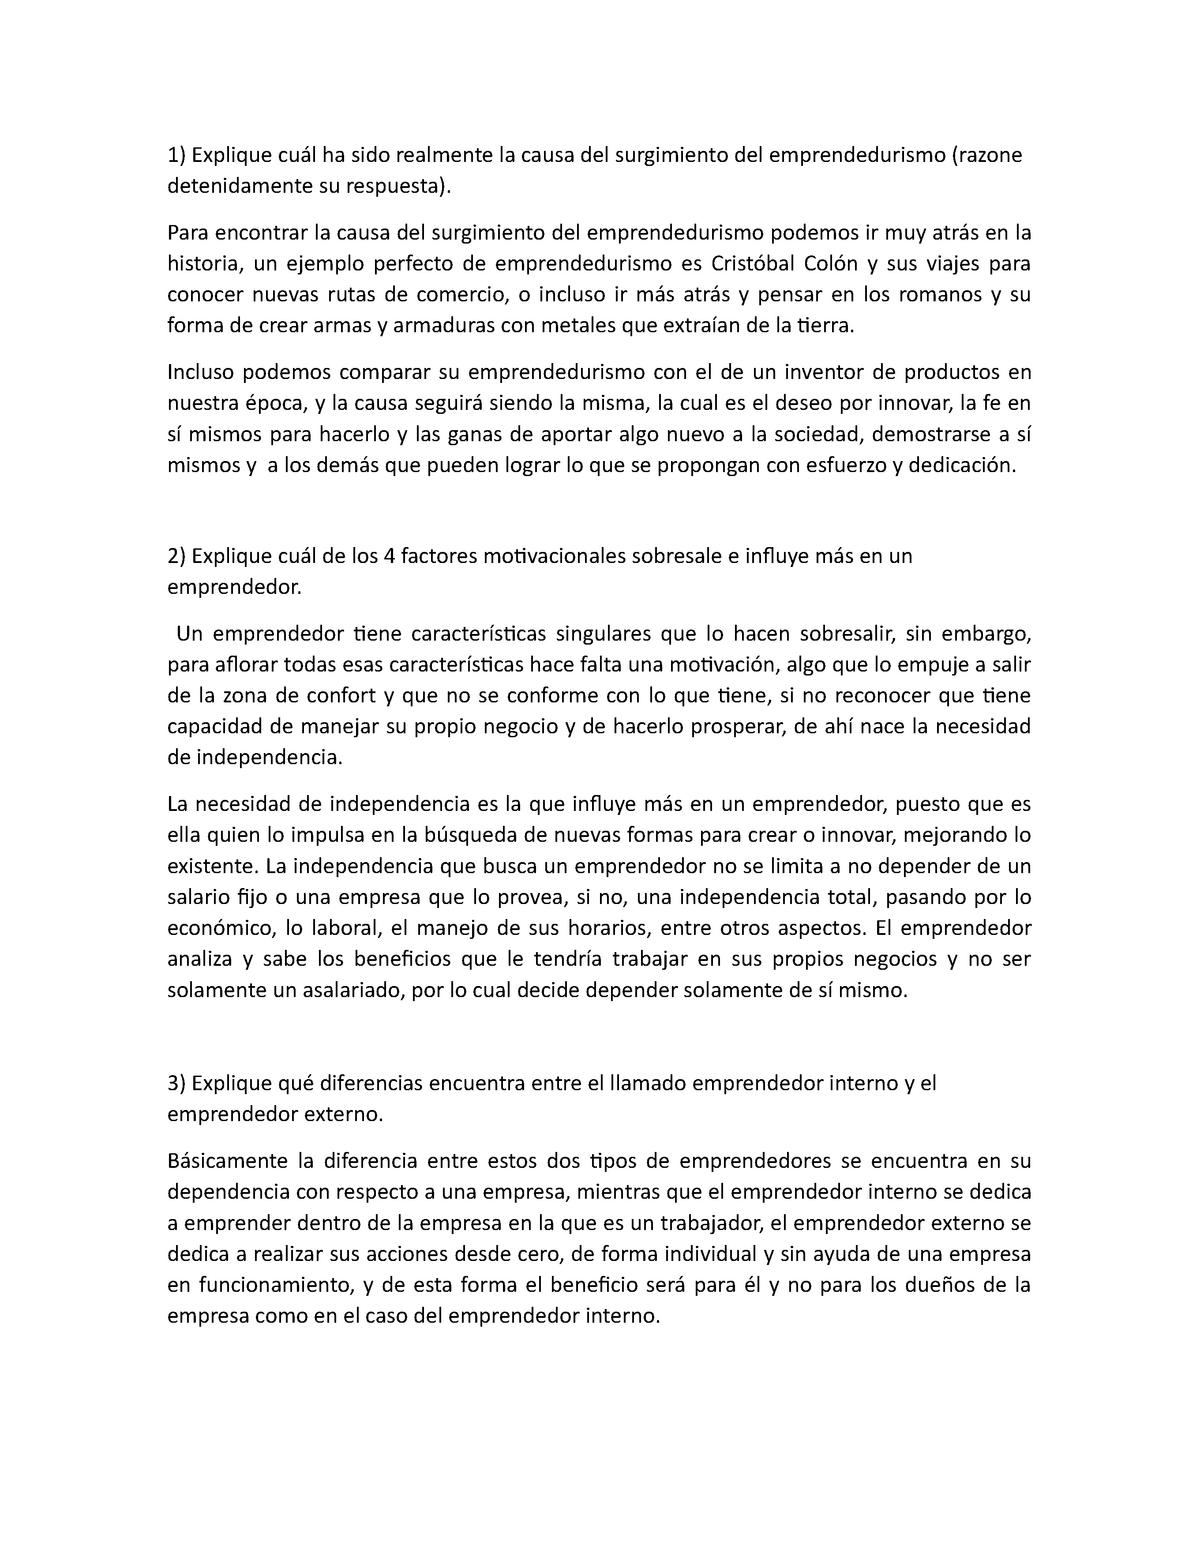 Resumen Sobre Emprendedurismo Gestión Empresarial Gem0